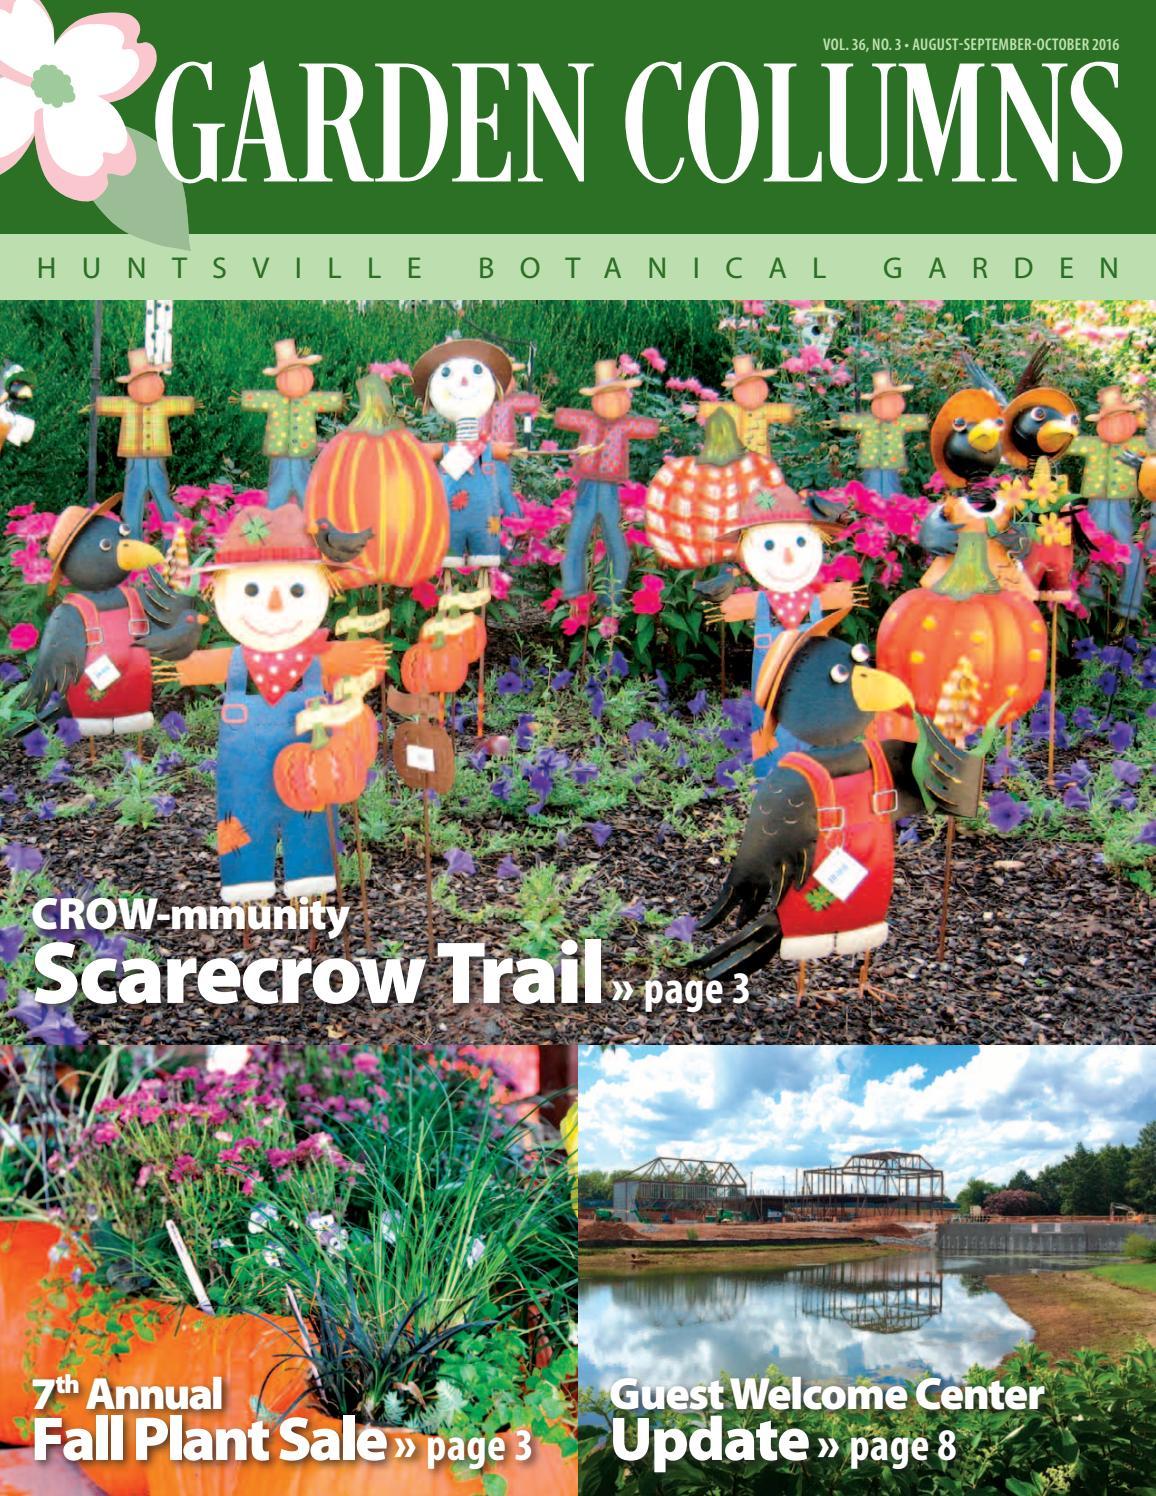 Aug Sept Oct16 Newsletter By Huntsville Botanical Garden Issuu